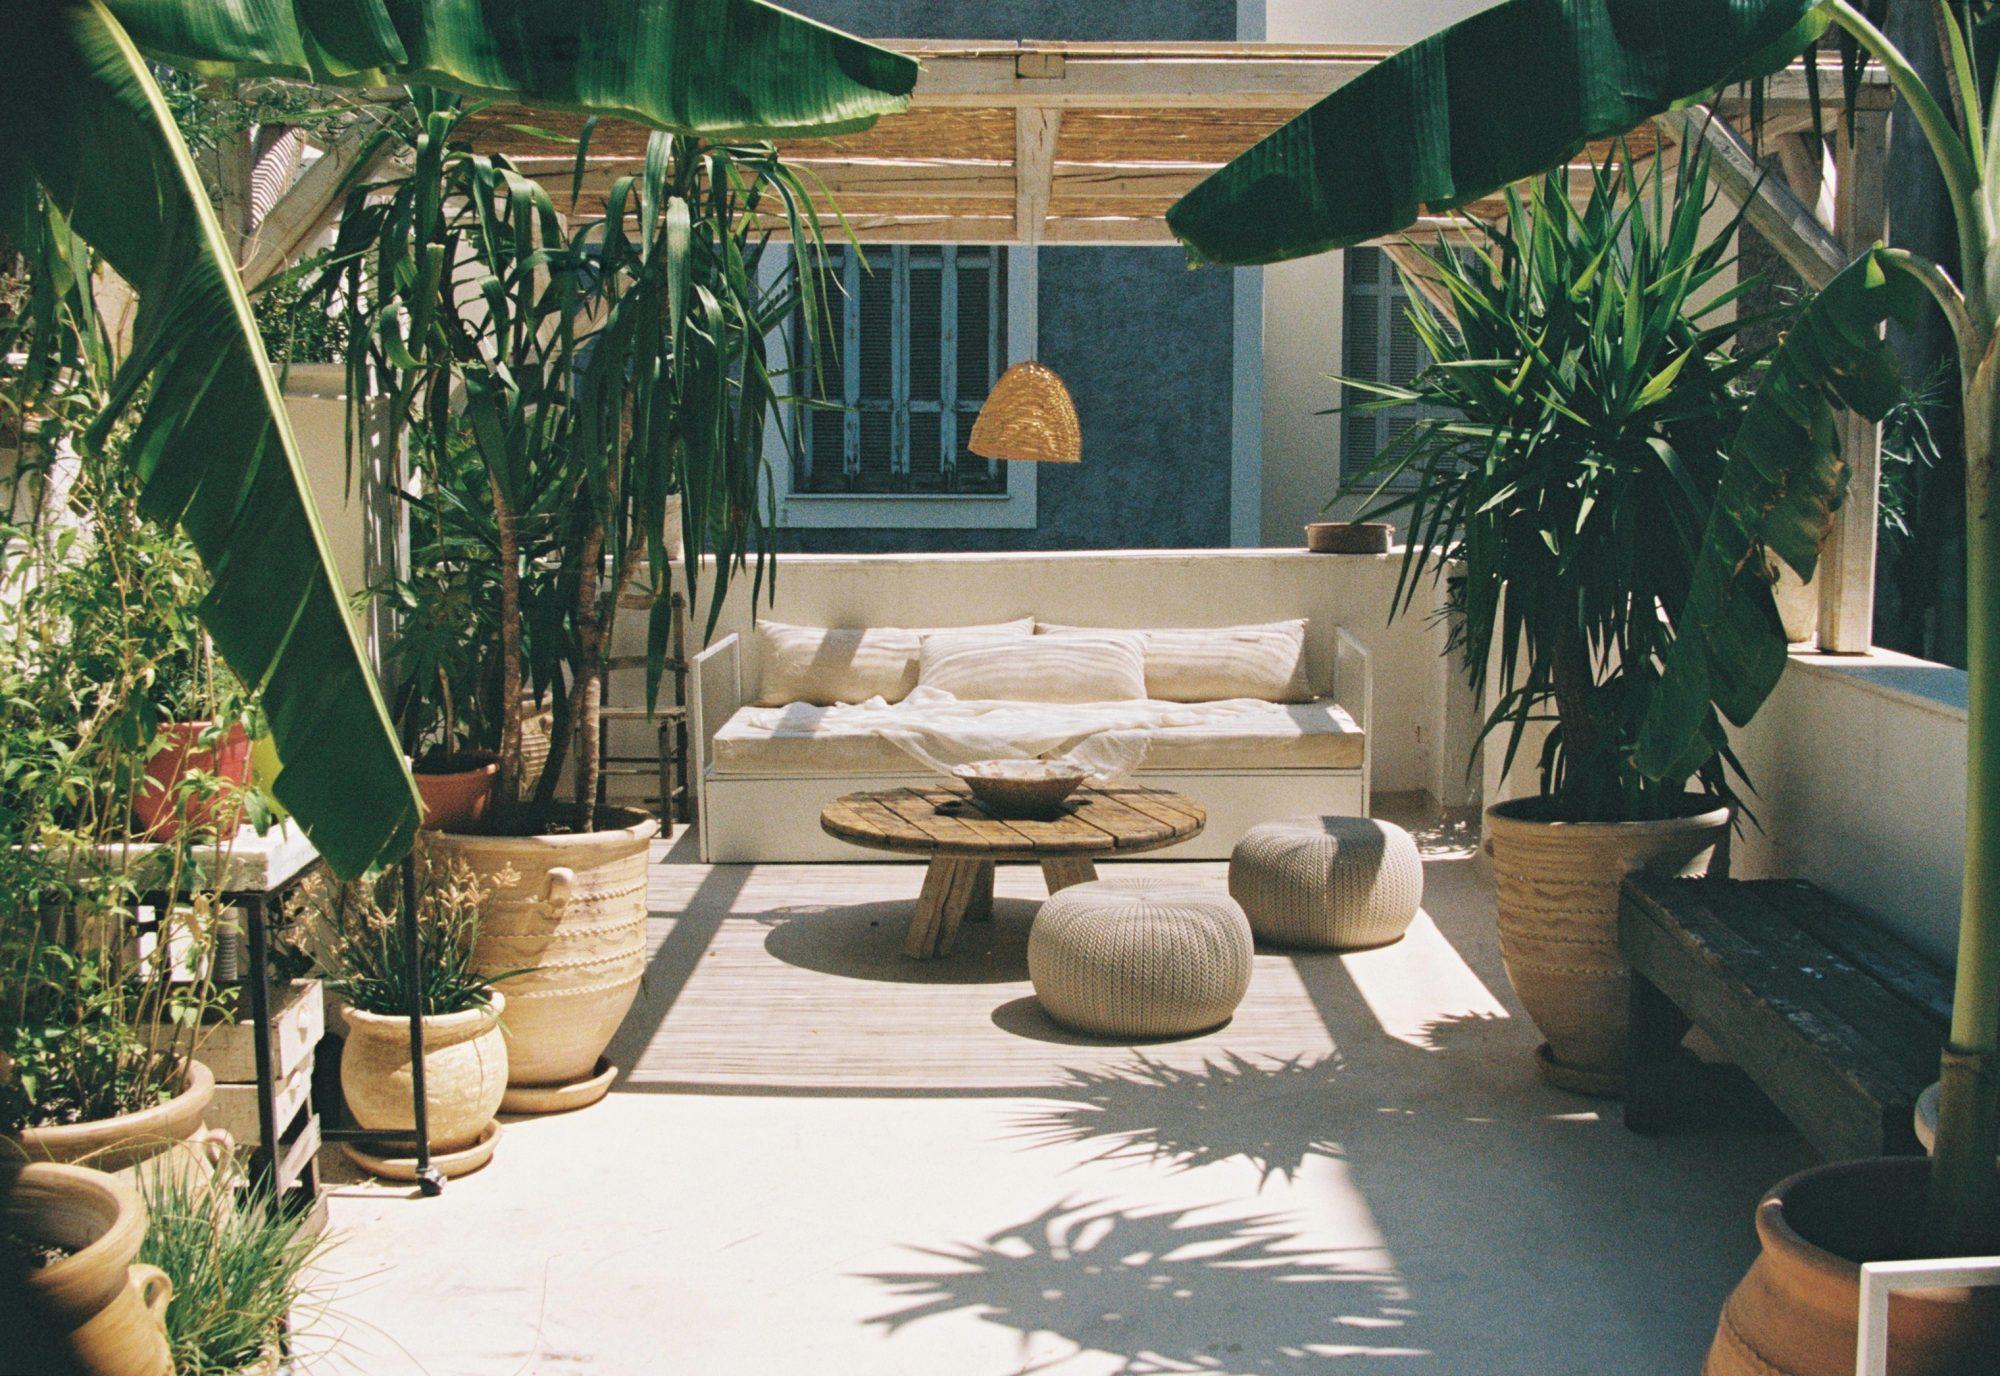 Shila: Το πιο ατμοσφαιρικό spot στην καρδιά της Αθήνας Το ολοκαίνουργιο roof garden του boutique hotel, Shila, στο Κολωνάκι είναι η ιδανική επιλογή για όσους θέλουν να «αποδράσουν» όντας την ίδια στιγμή στο πιο κεντρικό σημείο της πρωτεύουσας.